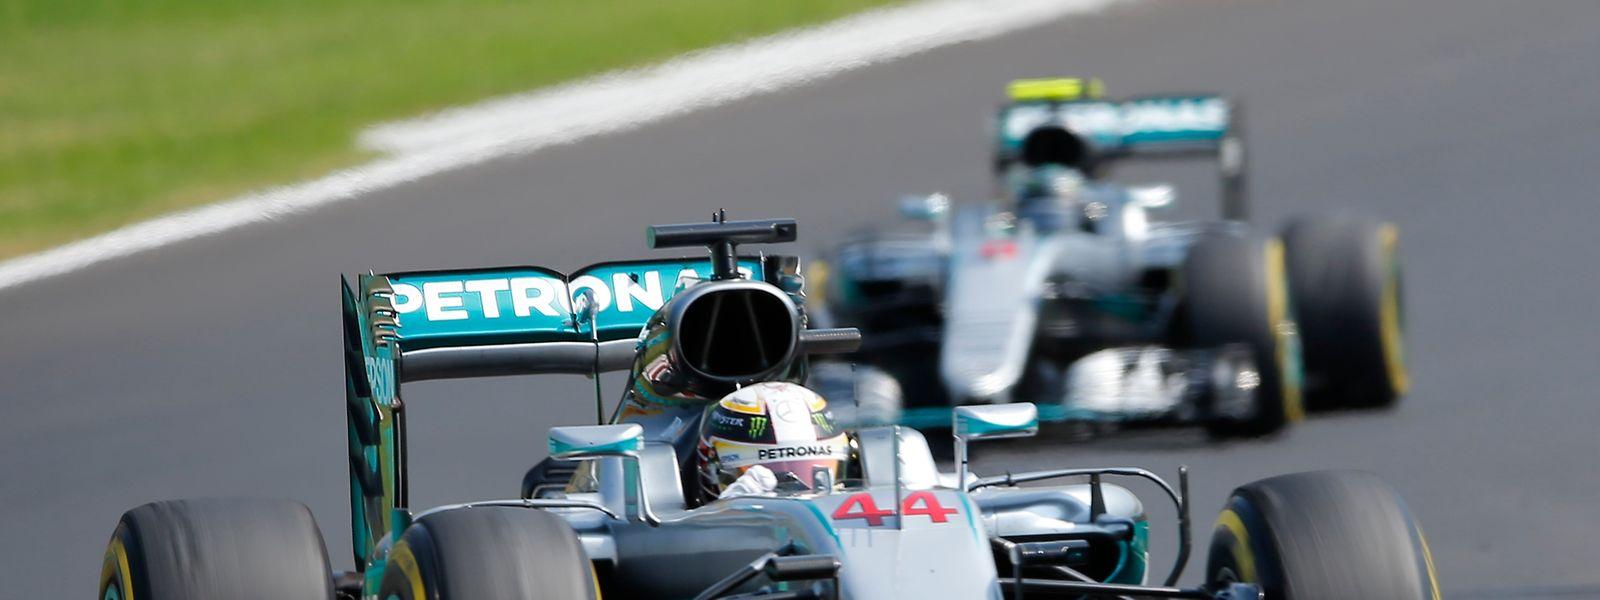 Lewis Hamilton (vorne) erfährt sich sechs Punkte Vorsprung im Gesamtklassement.